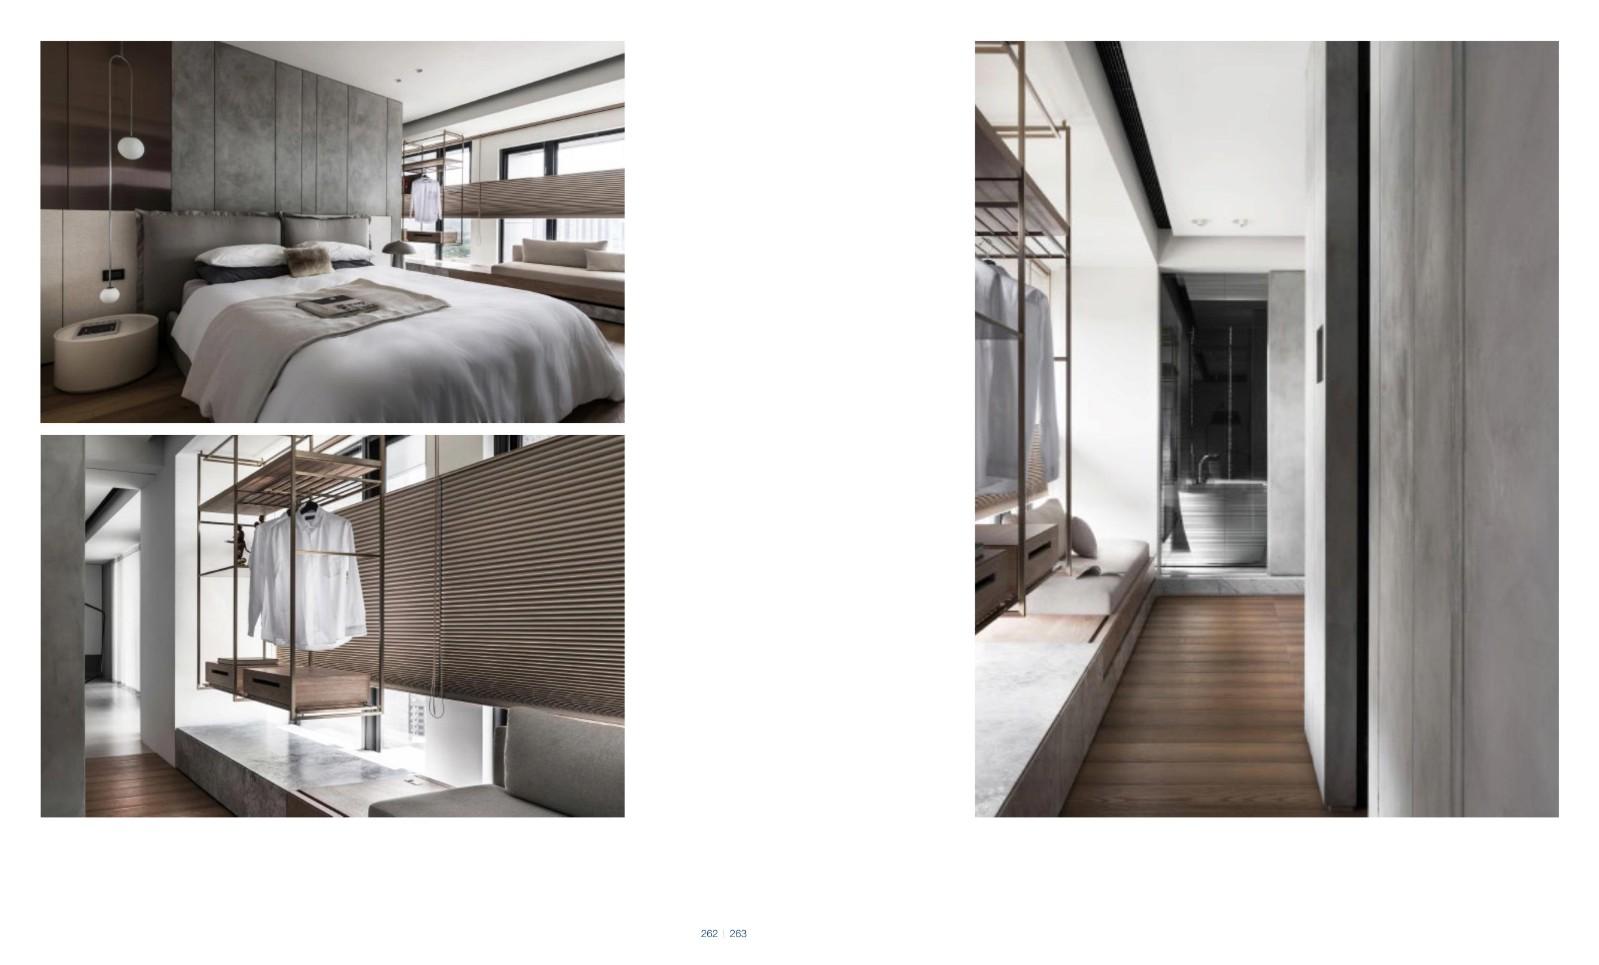 080417415624_0第二十七届亚太区室内设计大奖获奖作品集_9.jpg